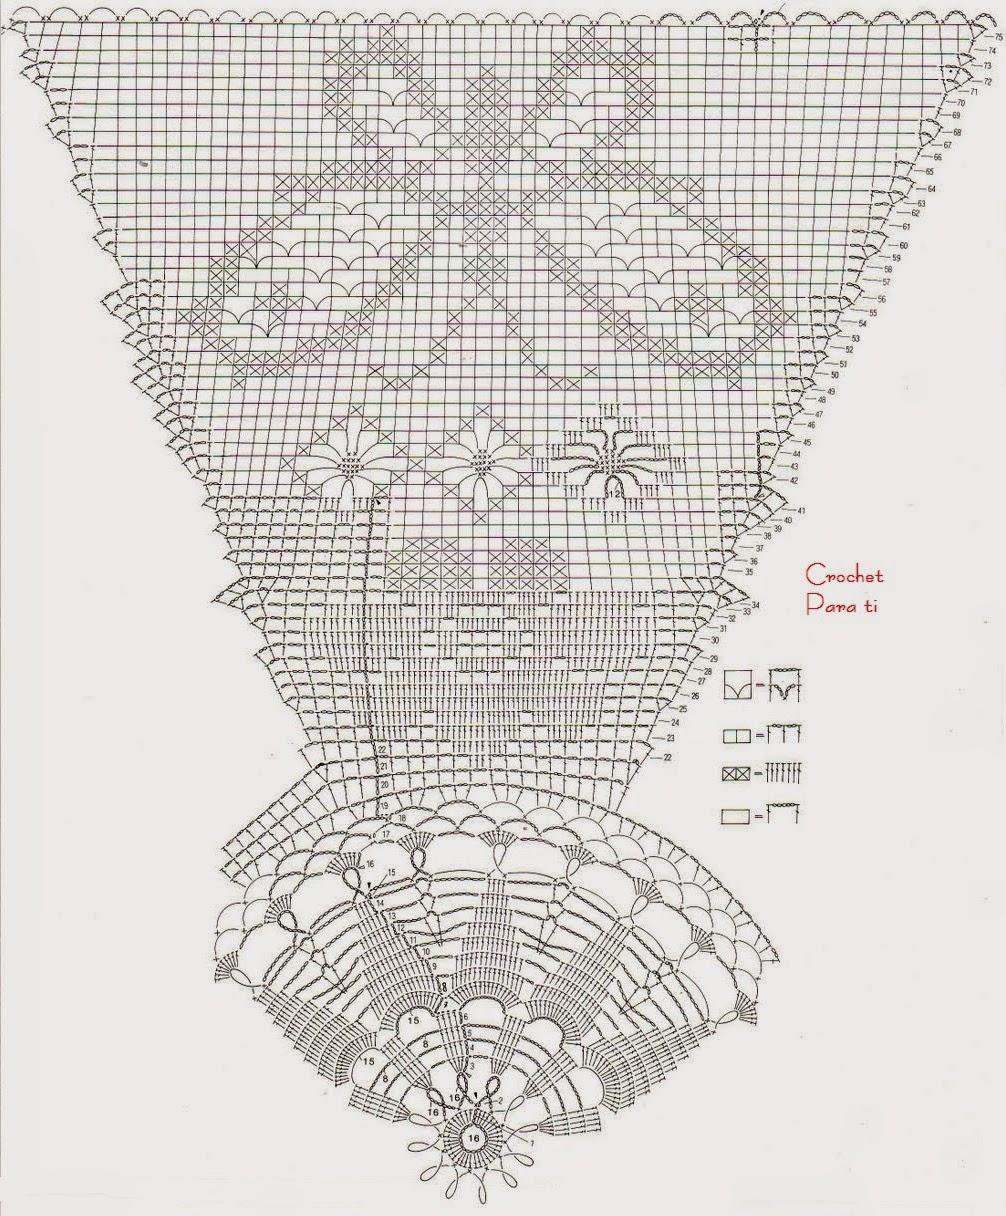 Mantel Crochet con Mariposas y Flores ~ Crochet para Ti